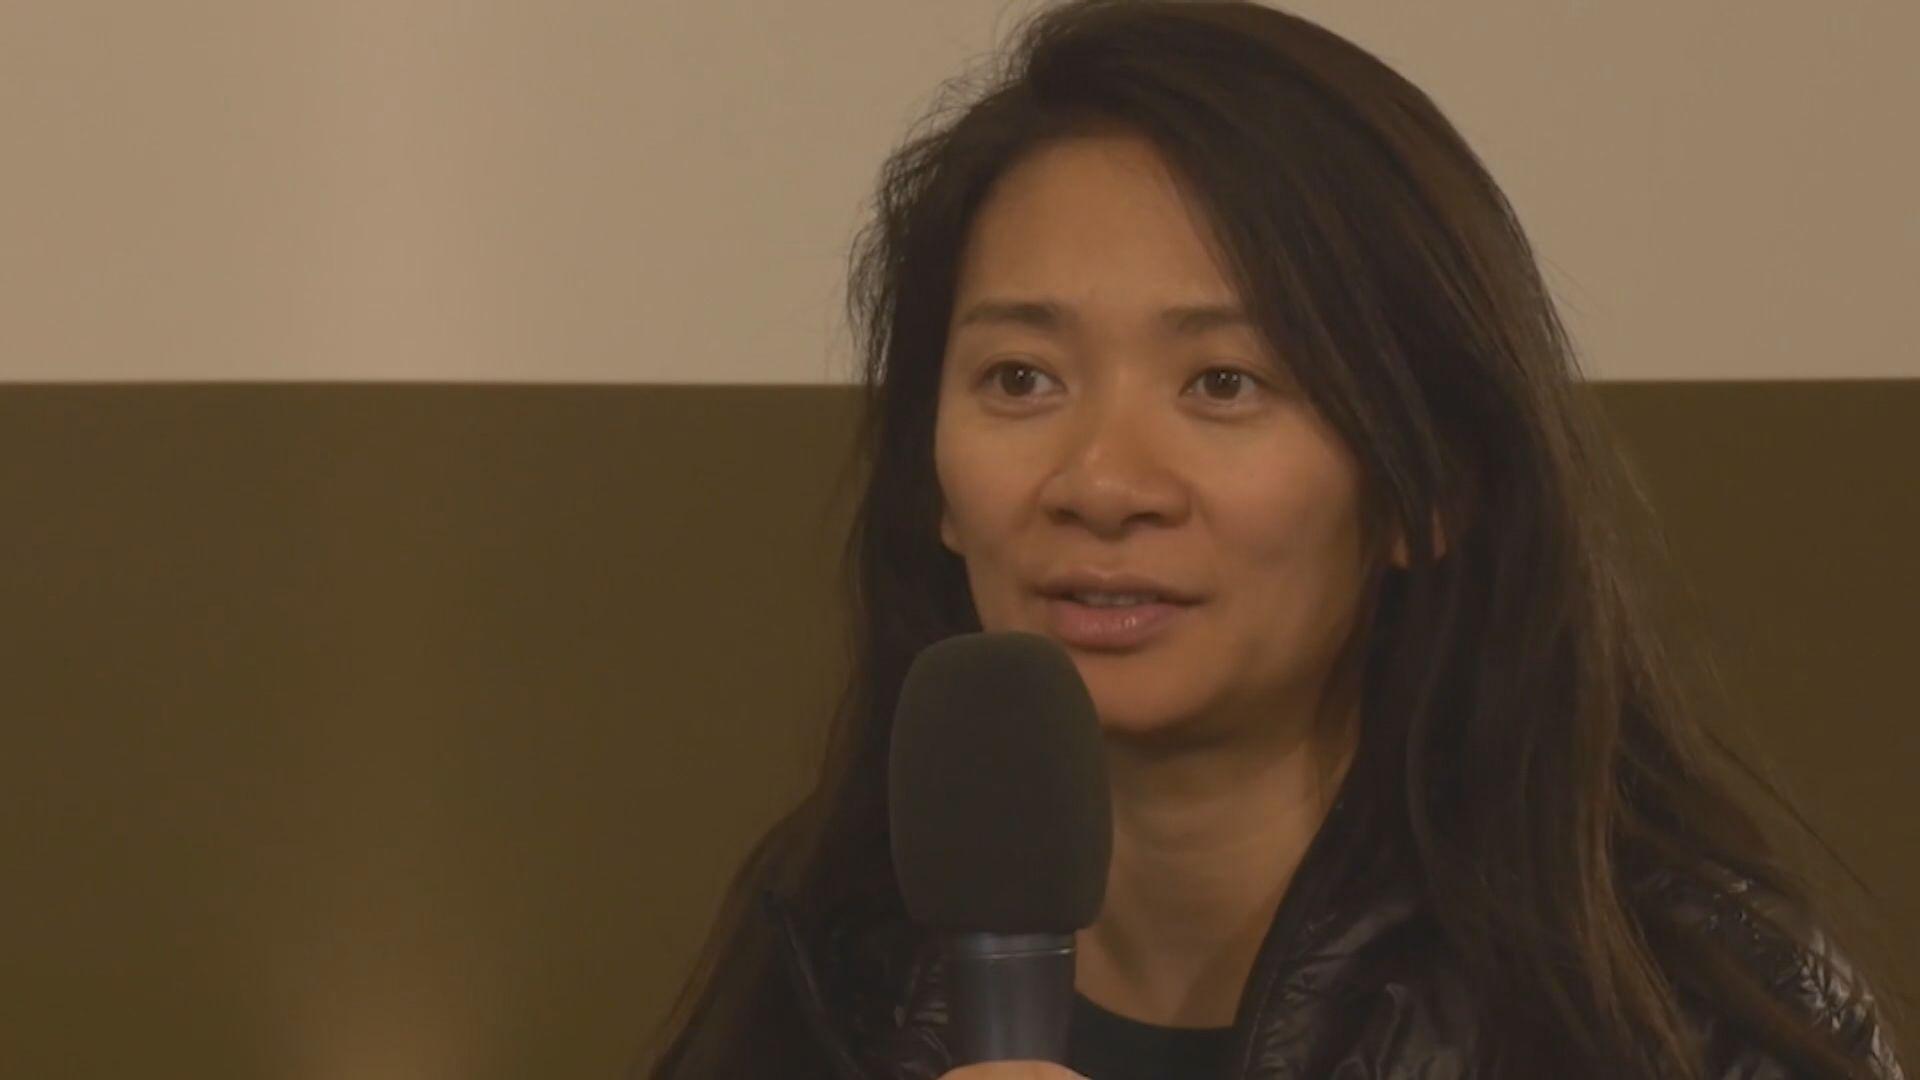 趙婷再憑《浪跡天地》奪英美兩頒獎禮最佳導演